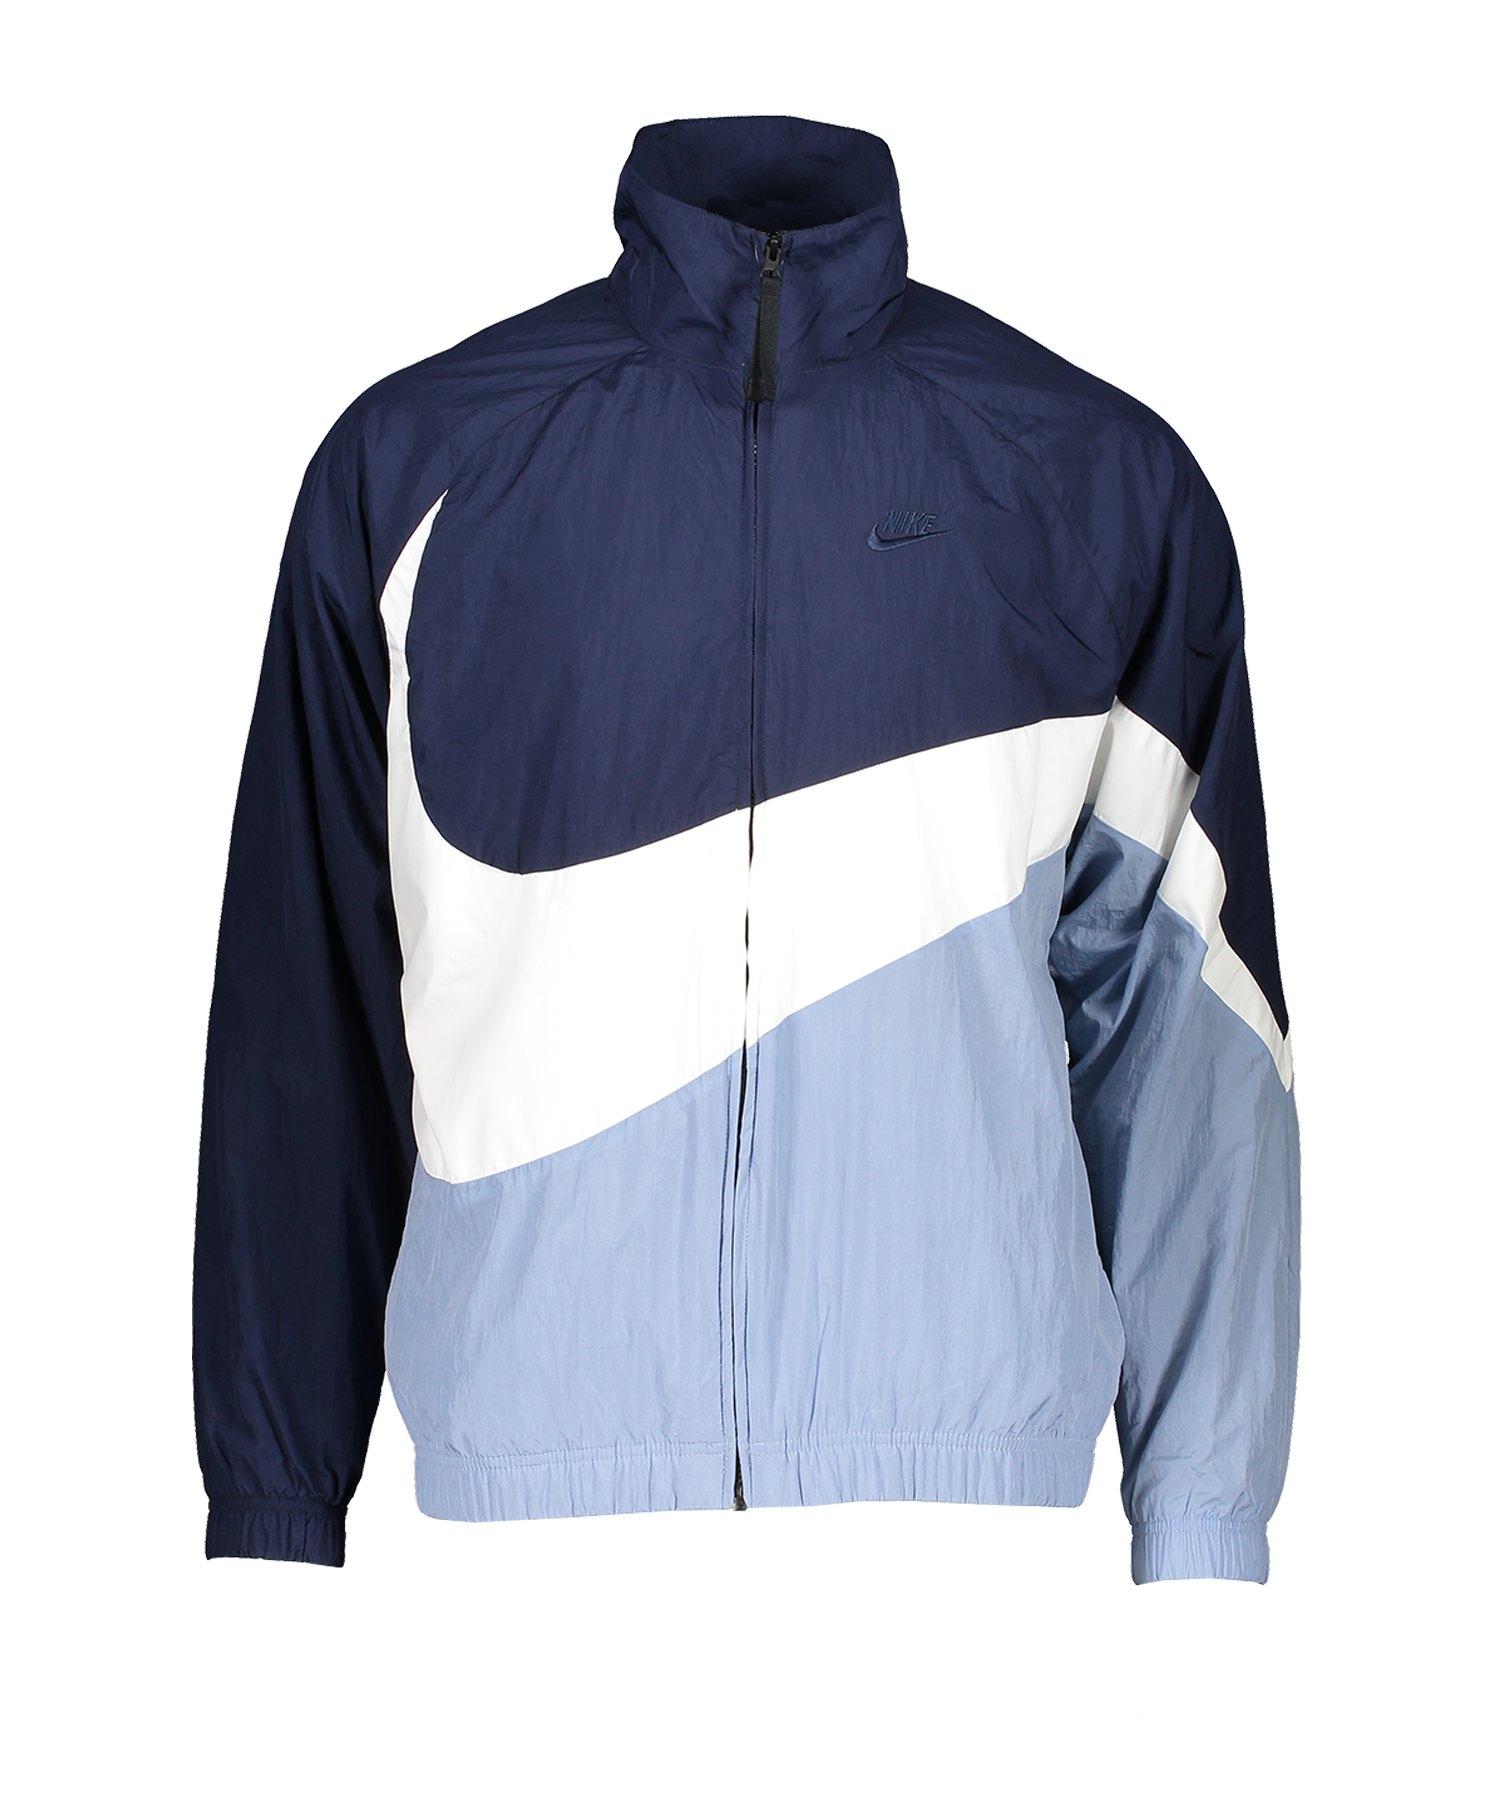 Nike Woven Jacket Jacke Blau F451 - blau